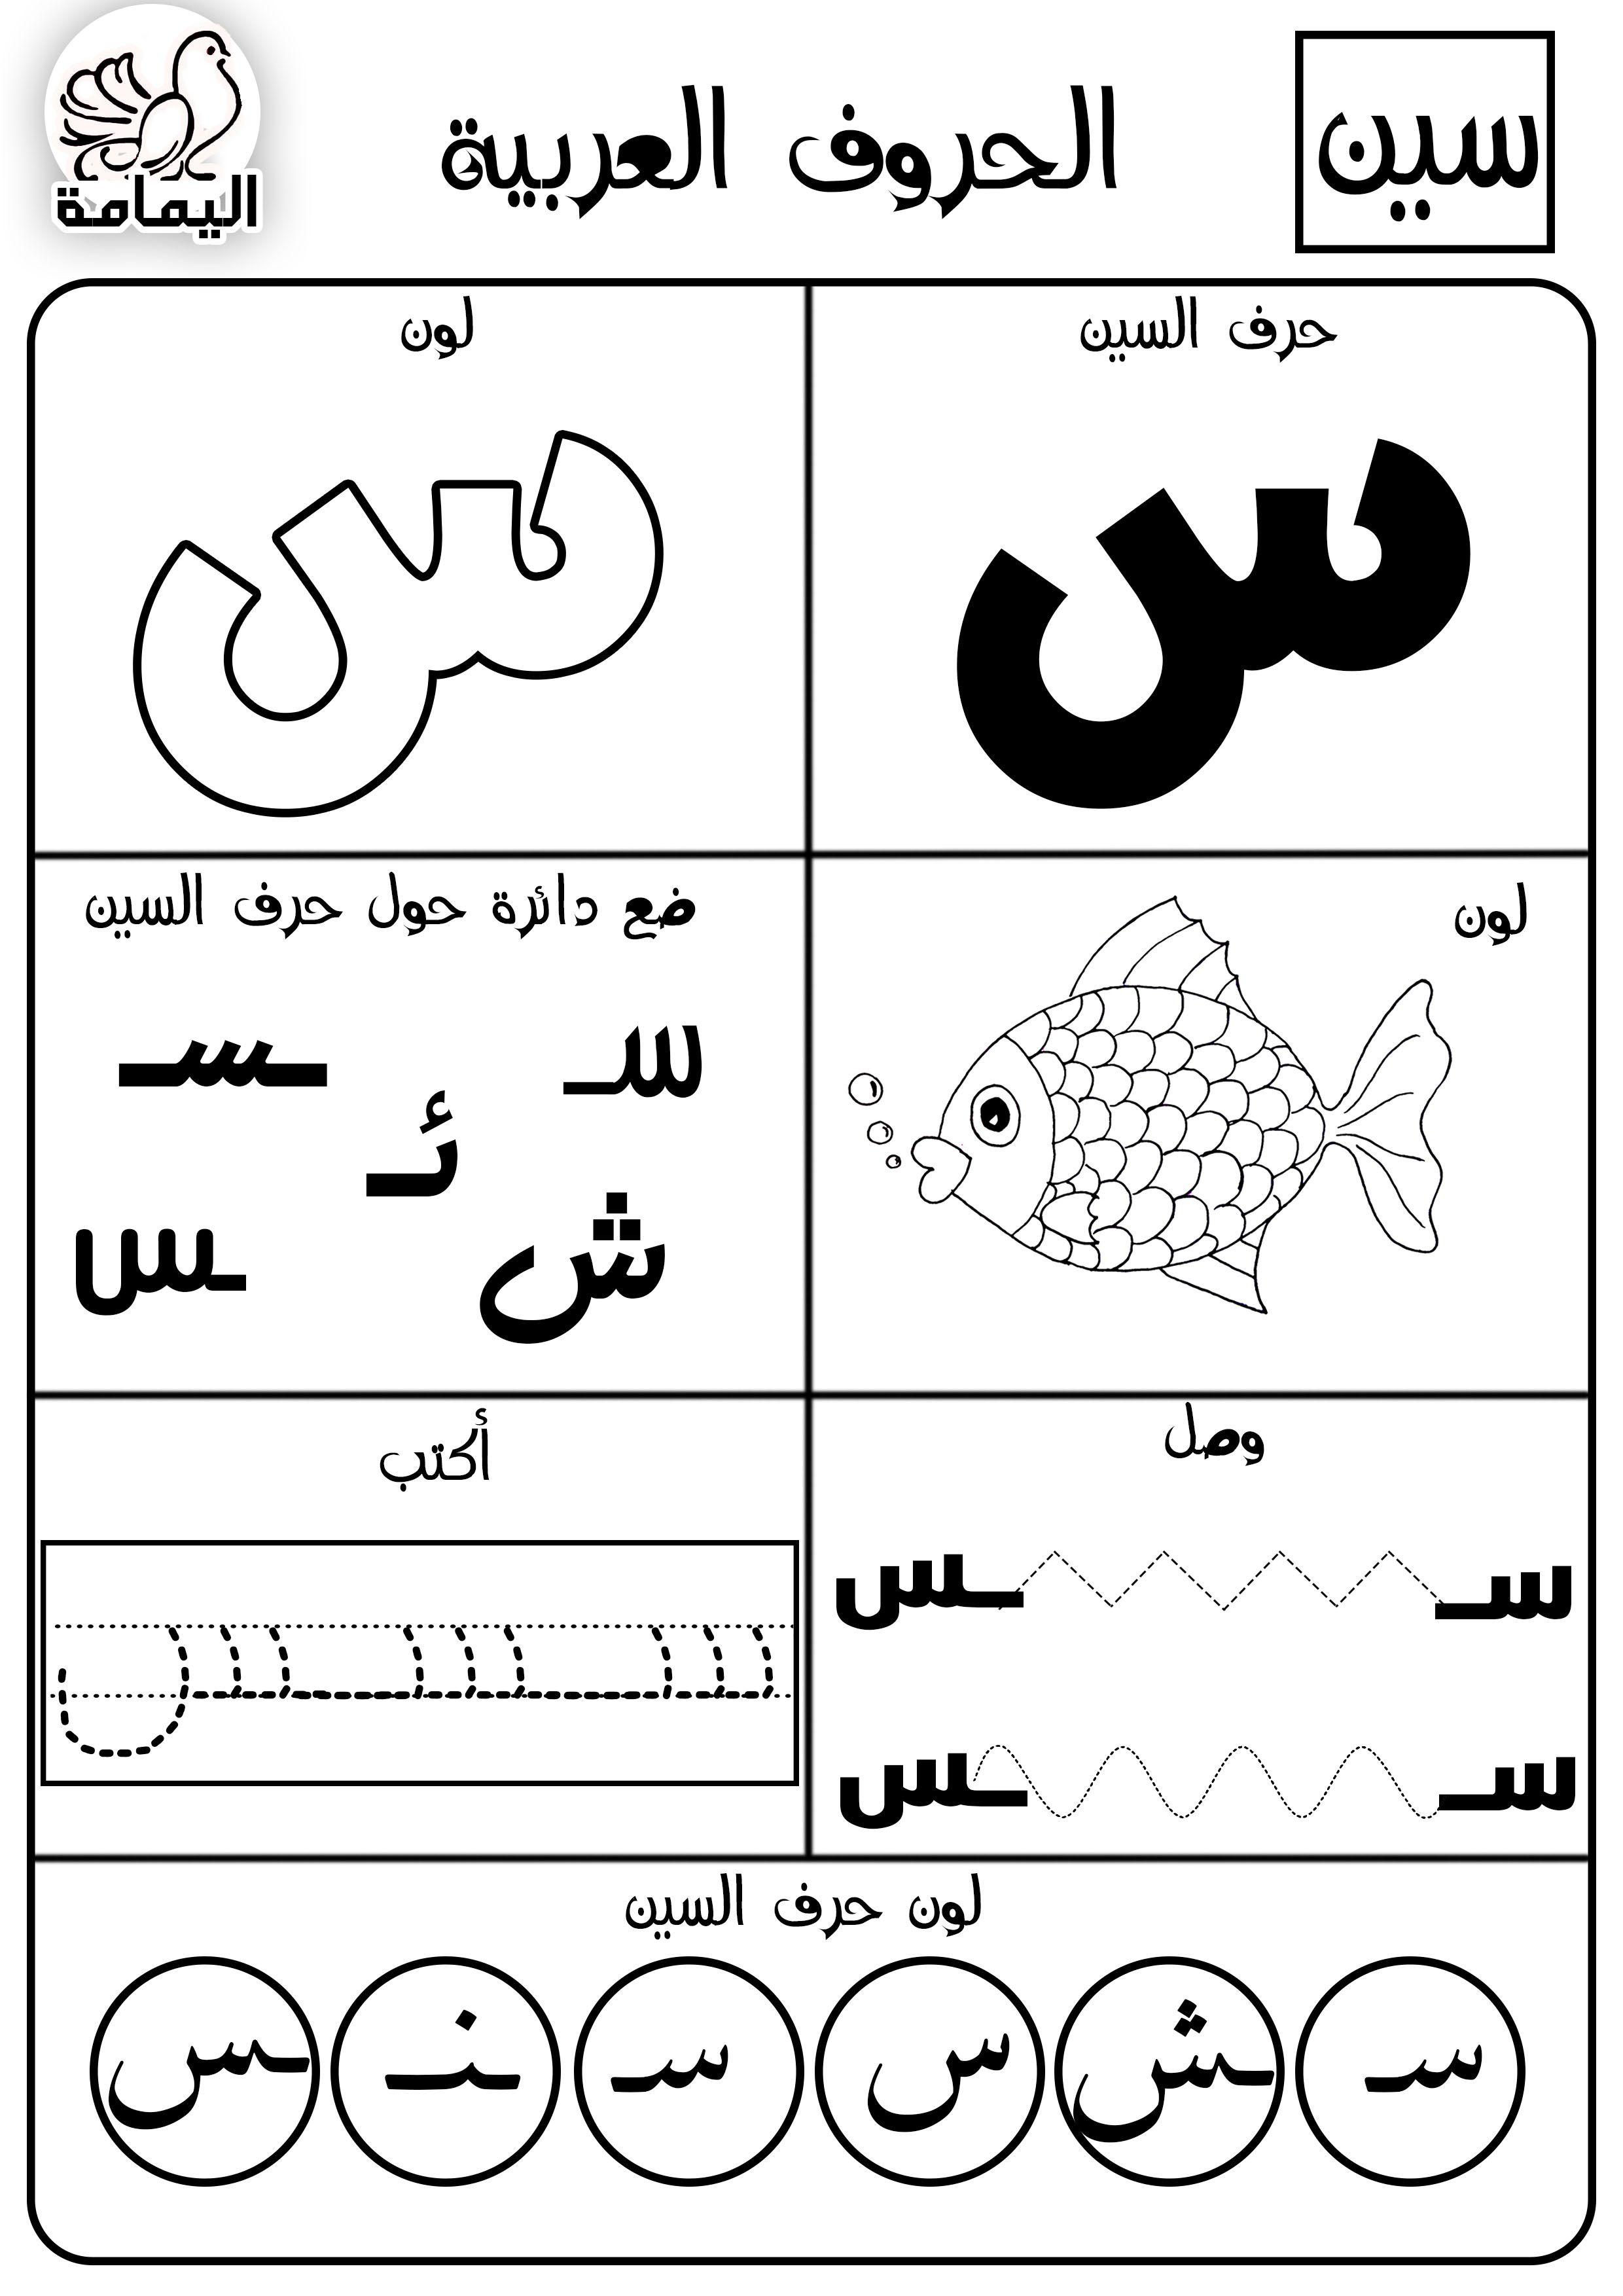 أقوى مراجعة على حرف السين للأطفال أكتب وتتبع وحلل الكلمة Arabic Worksheets Arabic Alphabet For Kids Arabic Alphabet Letters